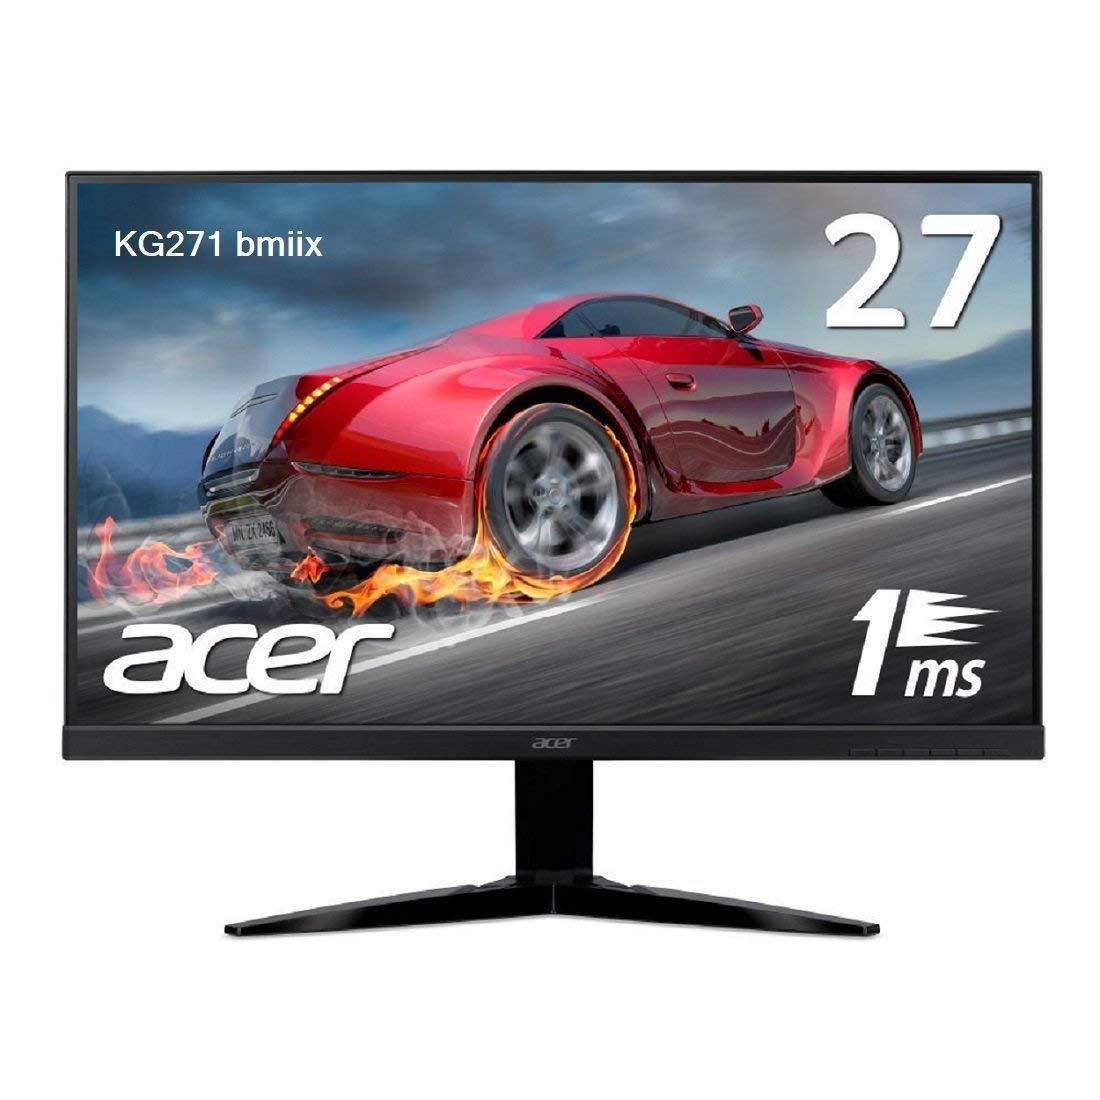 【エントリーでポイント最大33倍】(PS4などのゲームに!)Acer ゲーミングモニター 27型 フルHD 1920×1080 非光沢 KG271bmiix 27インチ 1ms 75Hz Free Sync フレームレス スピーカー内蔵[新品 送料無料]